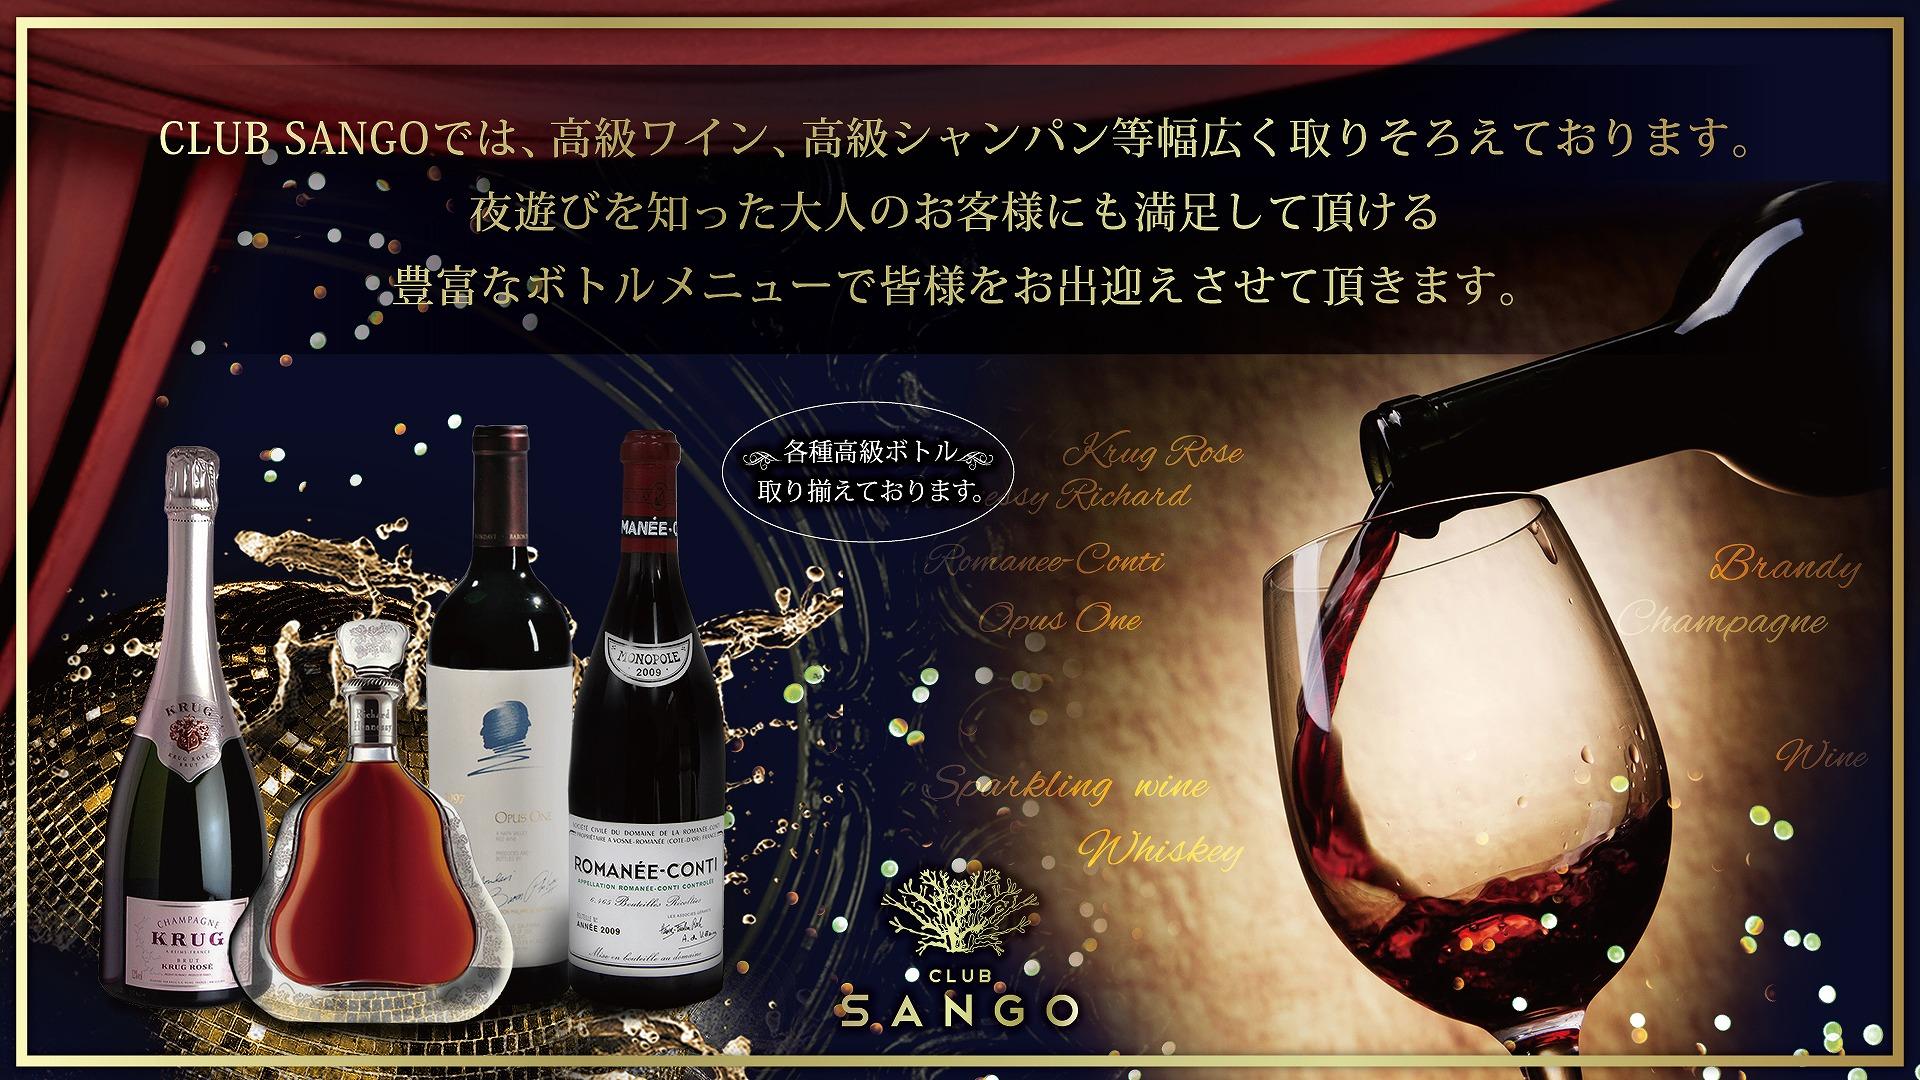 高級ワイン、高級シャンパンを幅広く取りそろえております。